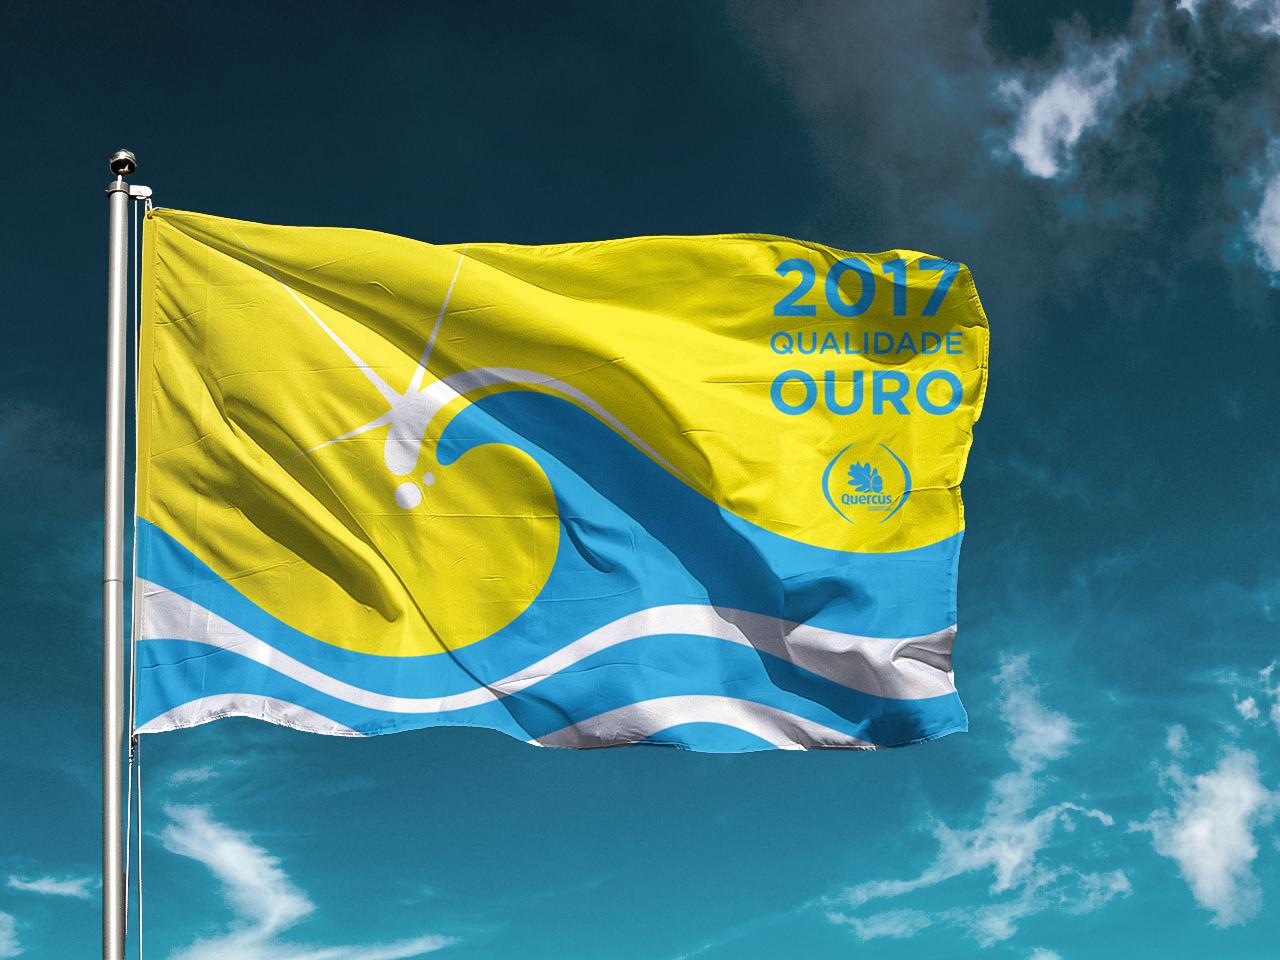 bandeira ouro quercus 2017